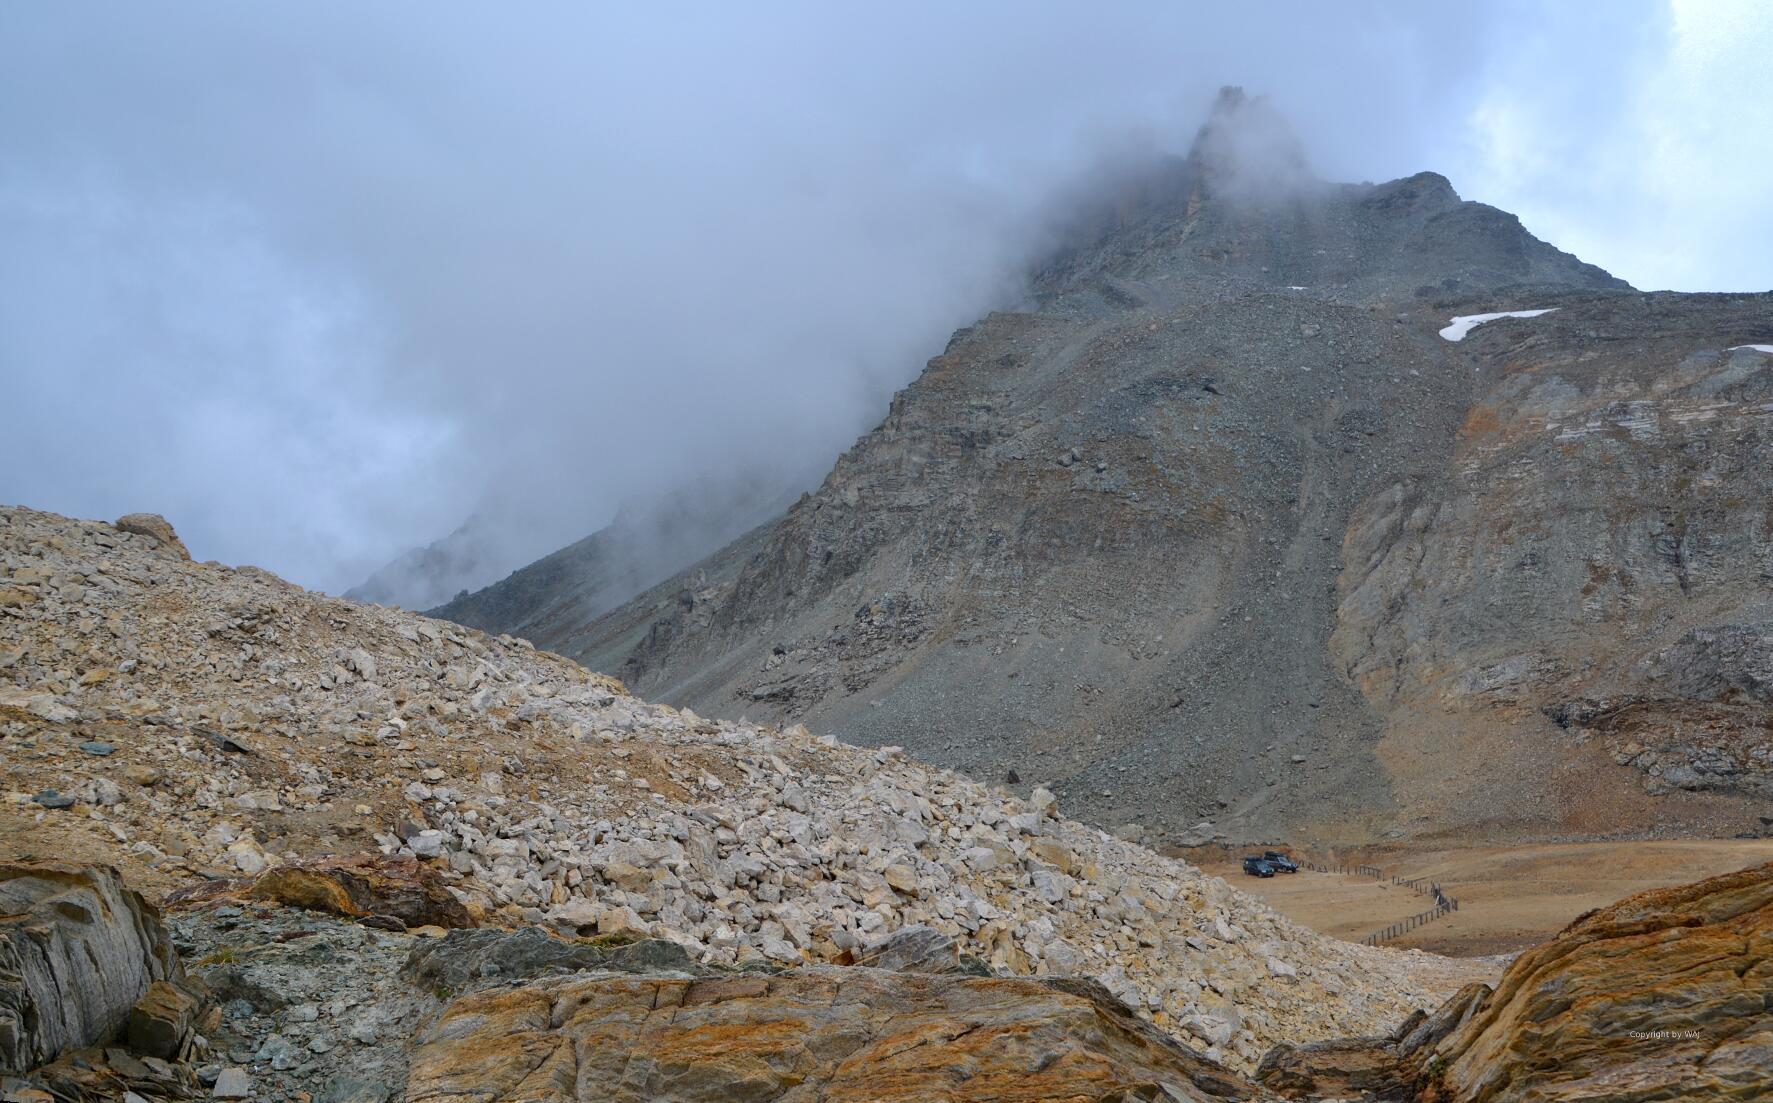 Wetterfront über'm Plateau Colle Sommeiller mit der italienisch-französischen Grenzlinie